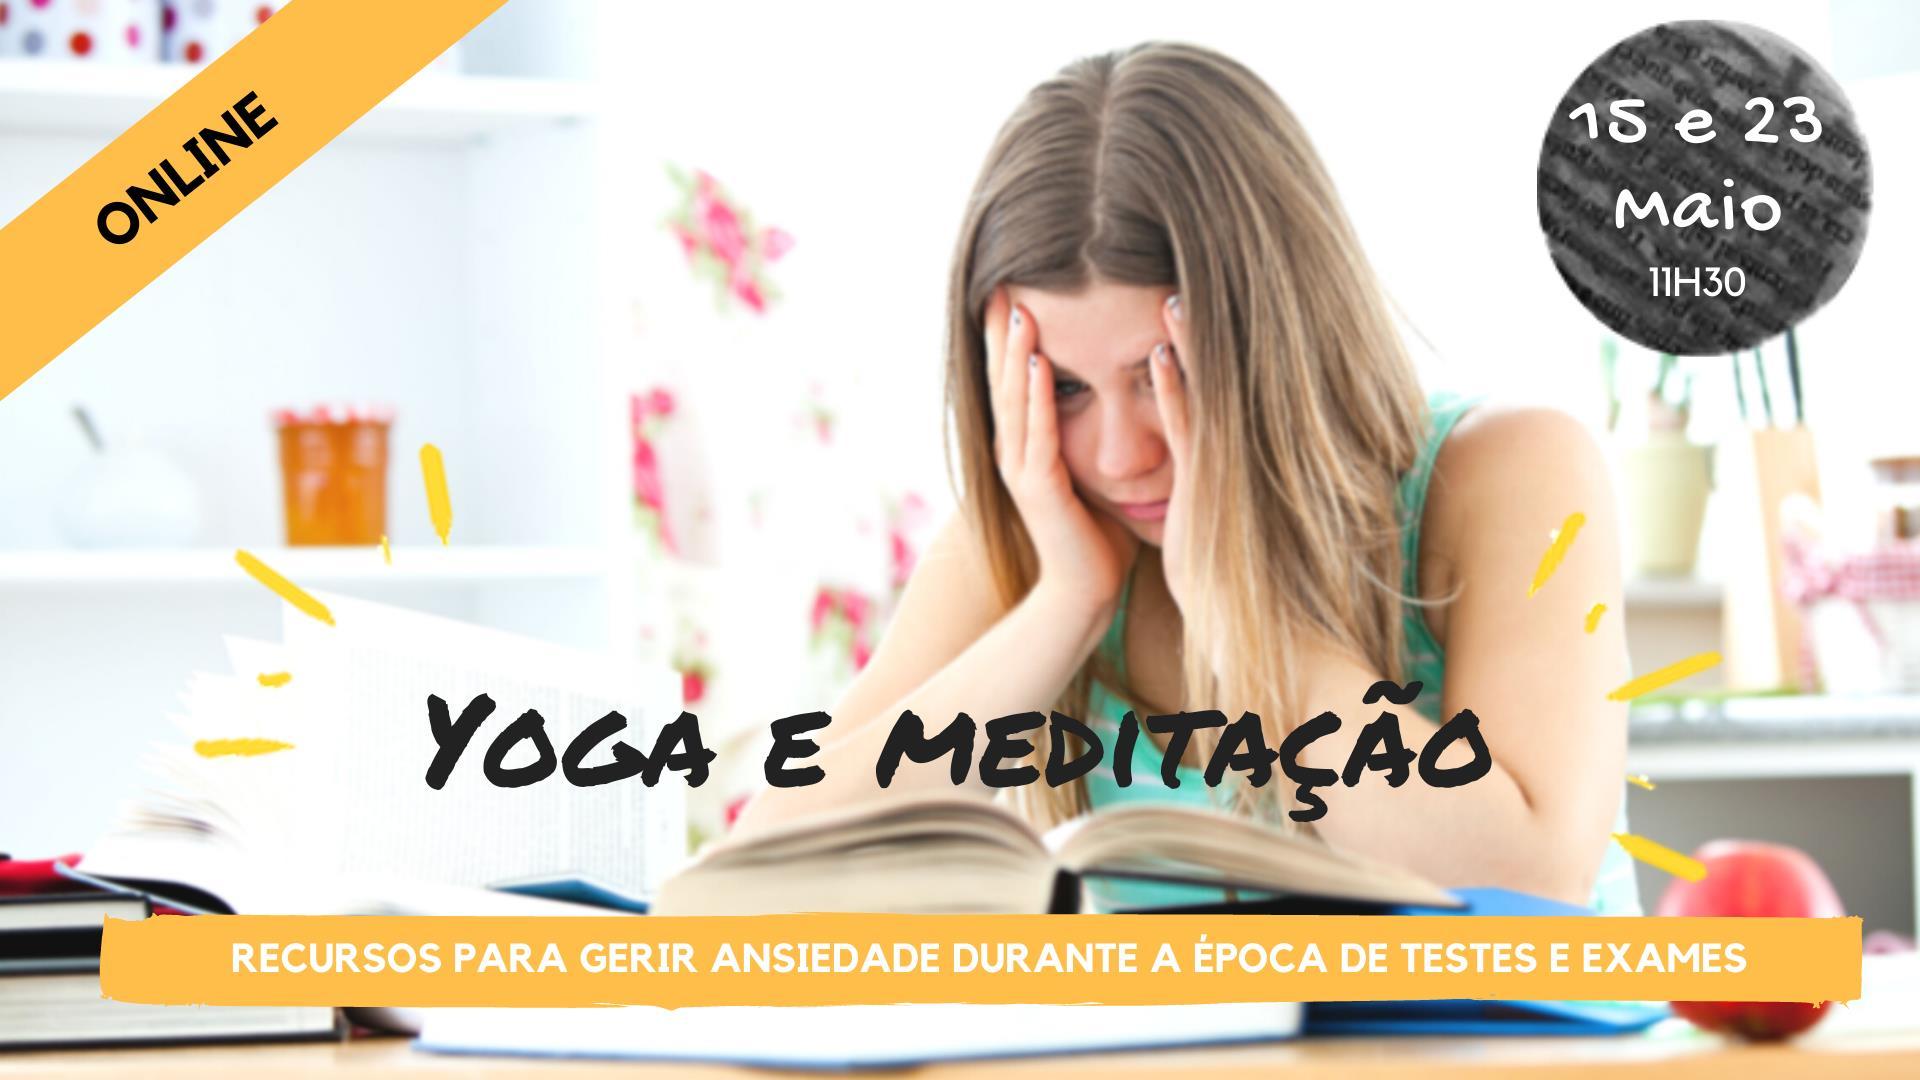 Oficina de Yoga e Meditação: recursos para gerir ansiedade durante a época de testes/exames